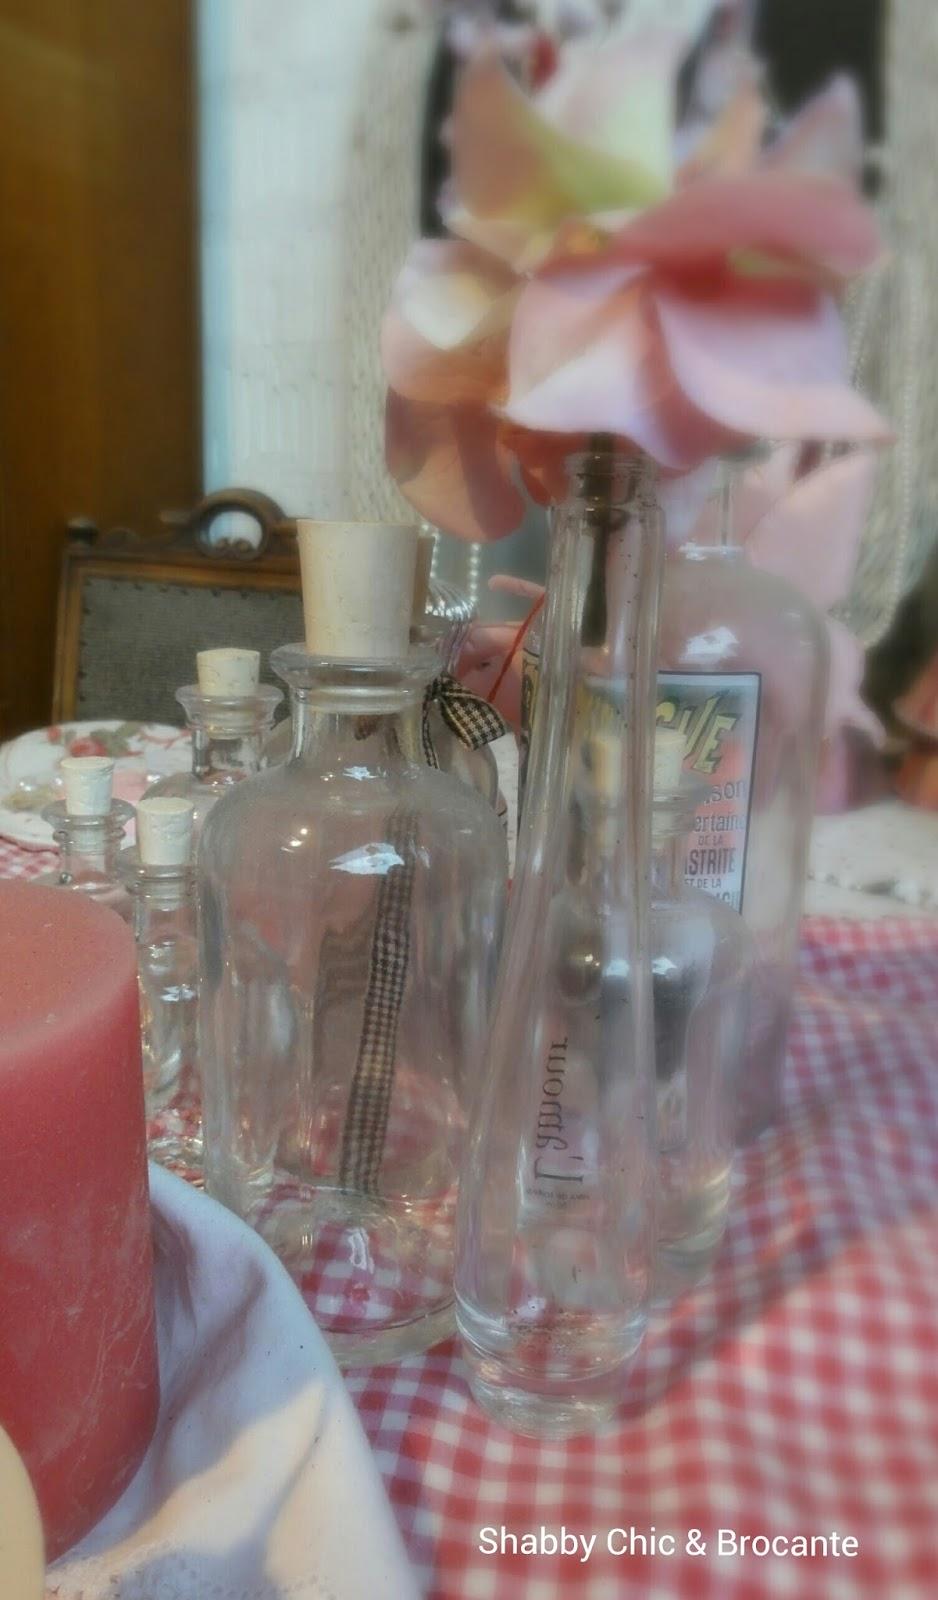 Shabby Chic & Brocante dekorieren mit Flaschen